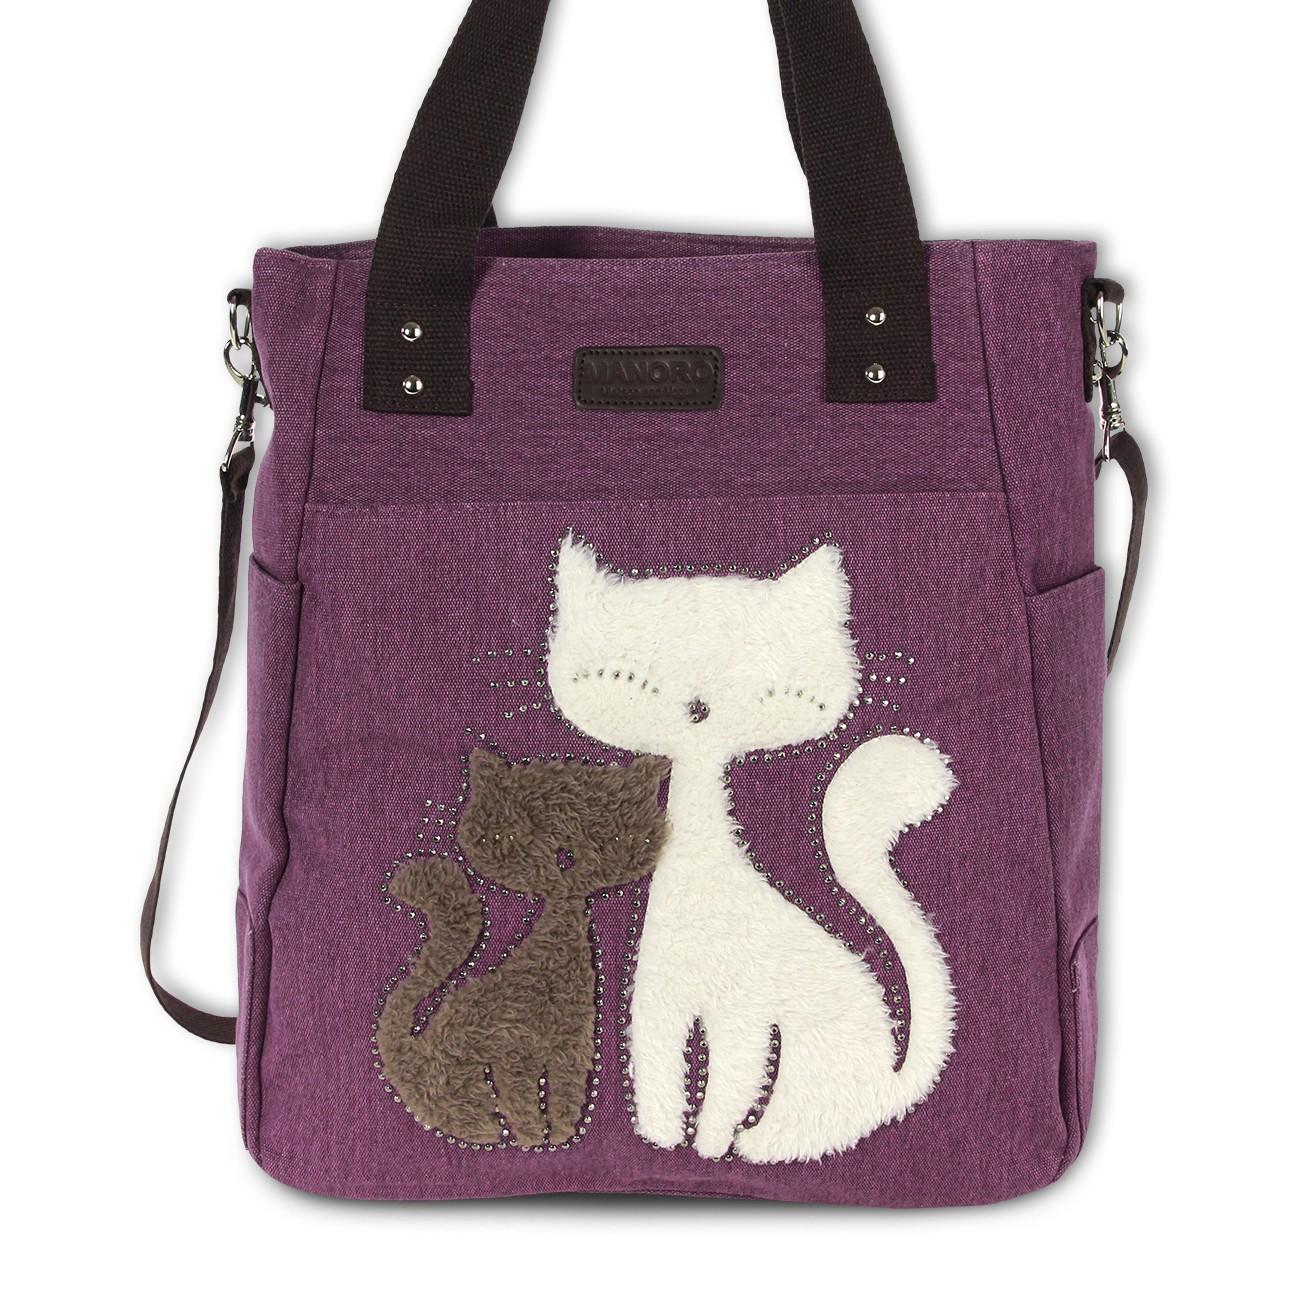 Henkeltasche, Shopper Canvas violett Handtasche Cats Manoro OTK217V